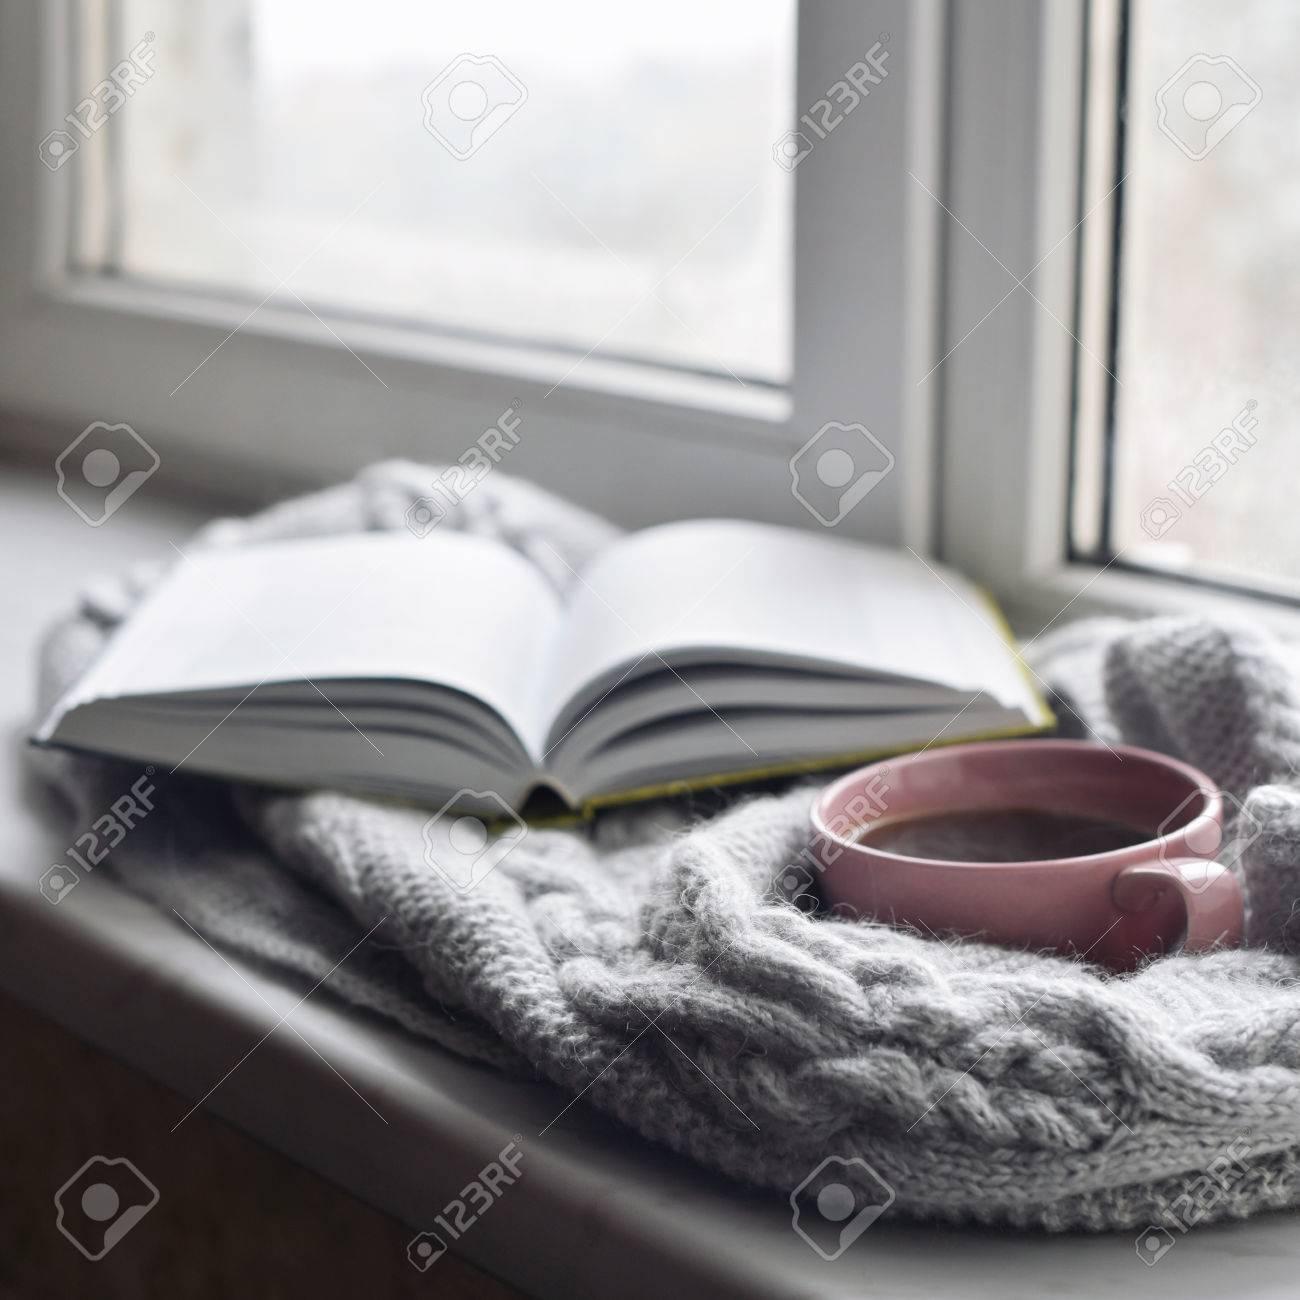 Acogedora Casa Todavía La Vida: Taza De Café Caliente Y Libro ...